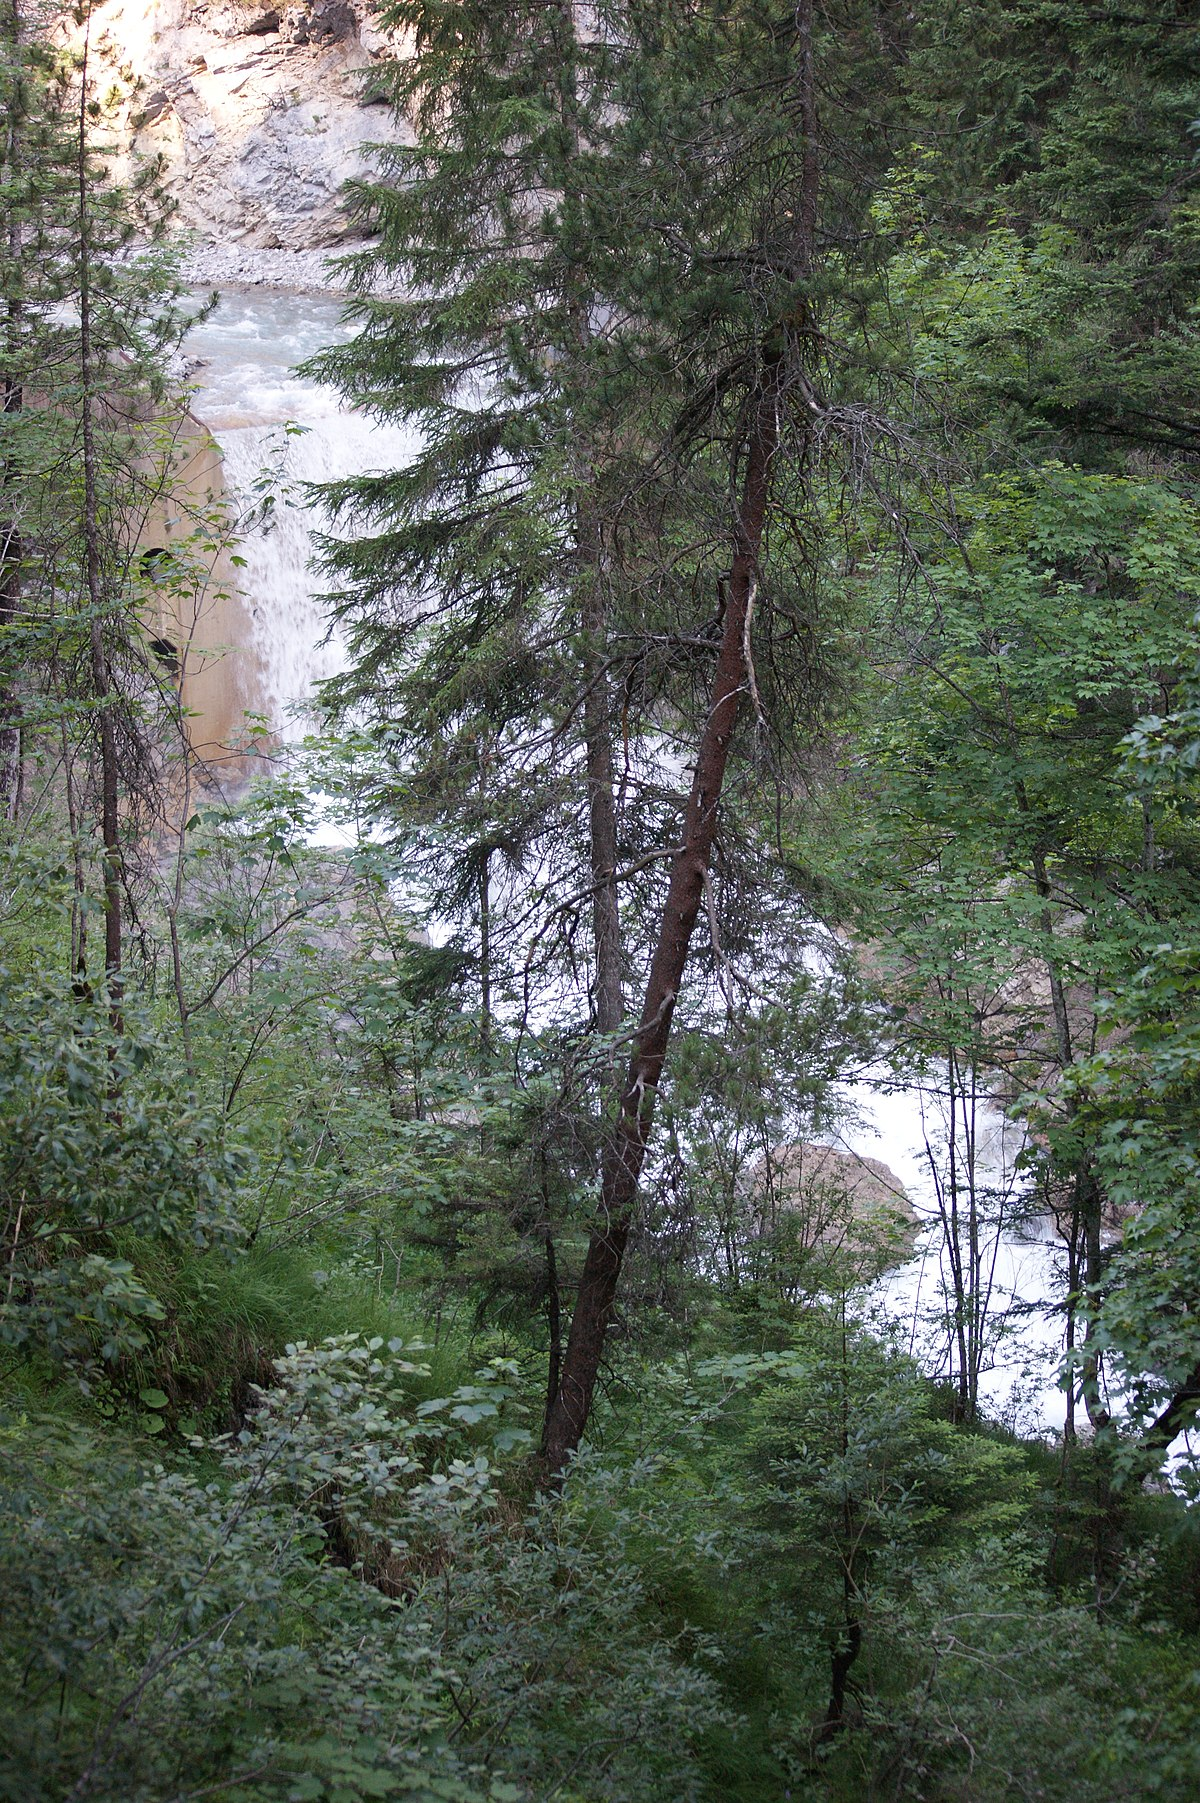 strom in Nenzing - Vermietungen - gnstige Mietangebote